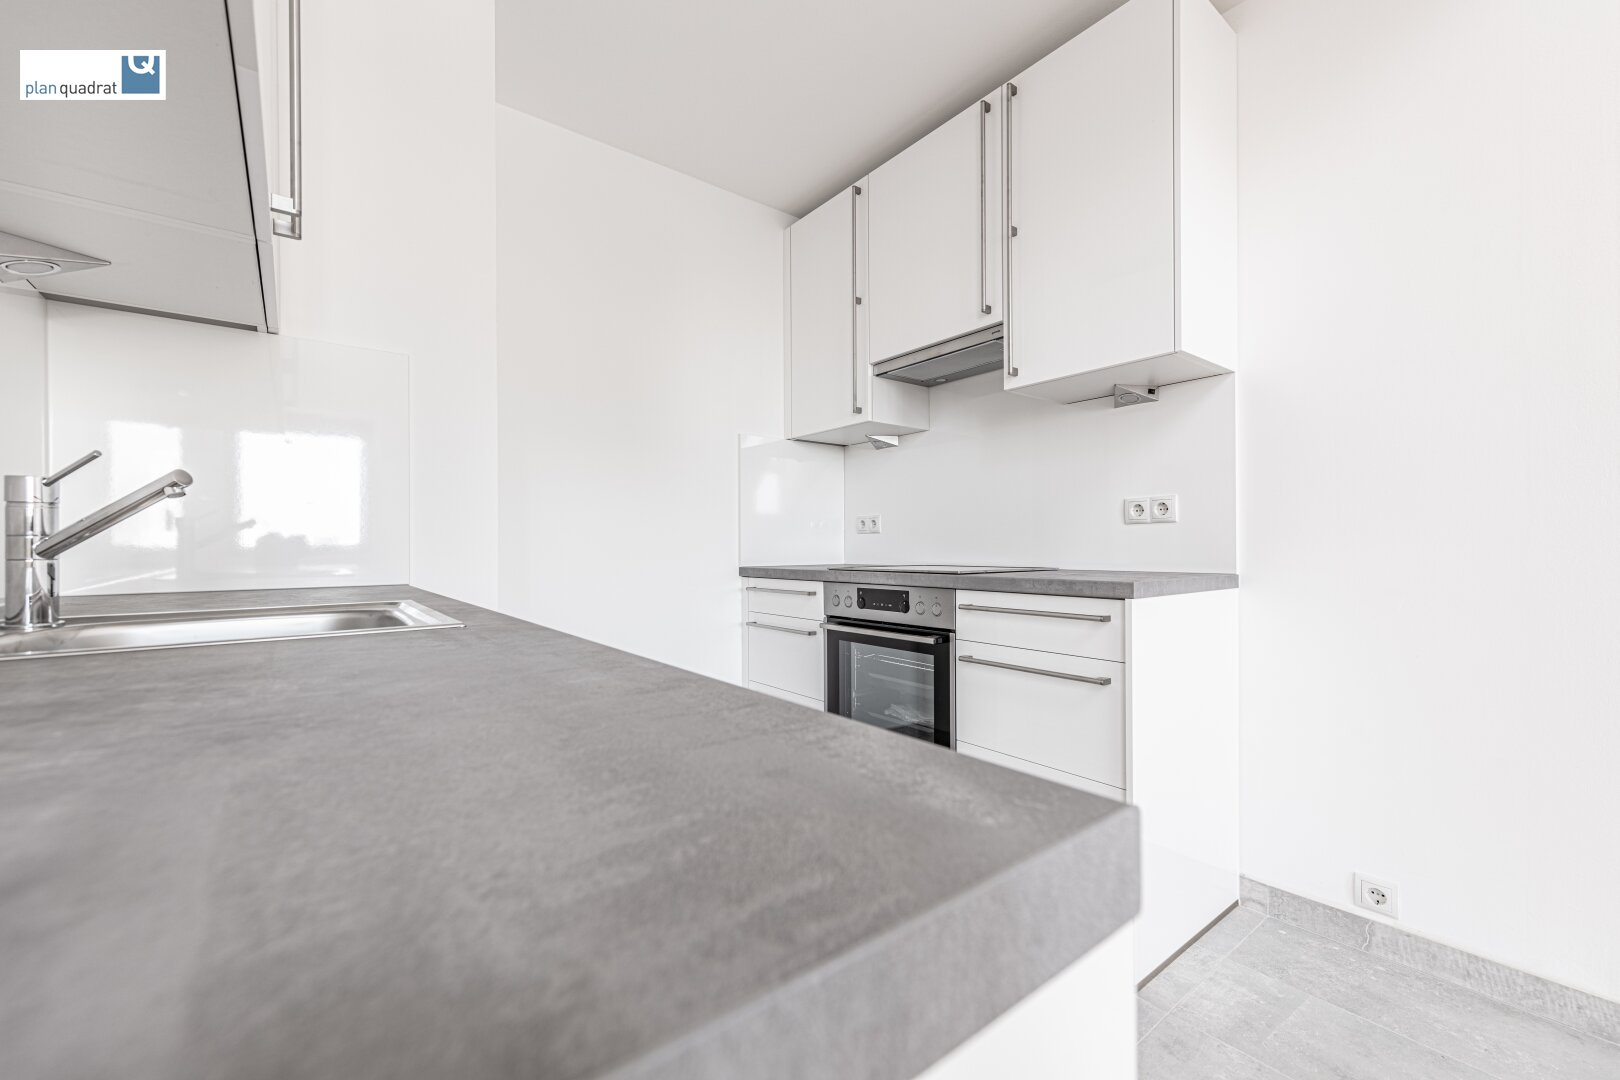 Küche (ca. 5,20 m²) mit neuer Einbauküche